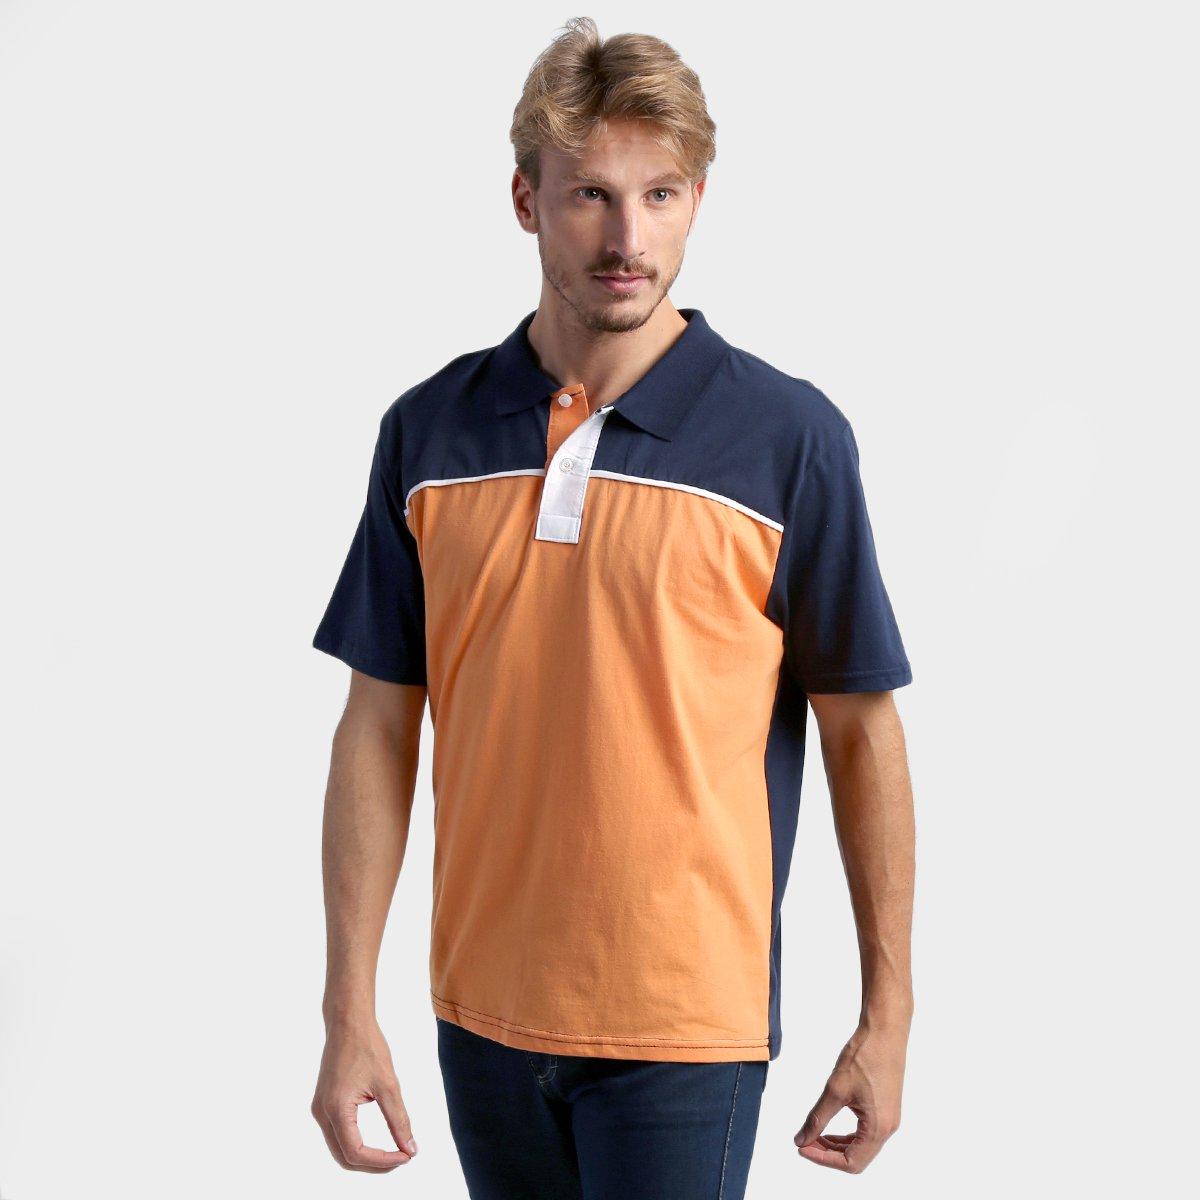 94cbd745b9 Camisa Polo Colombo Bicolor - Compre Agora